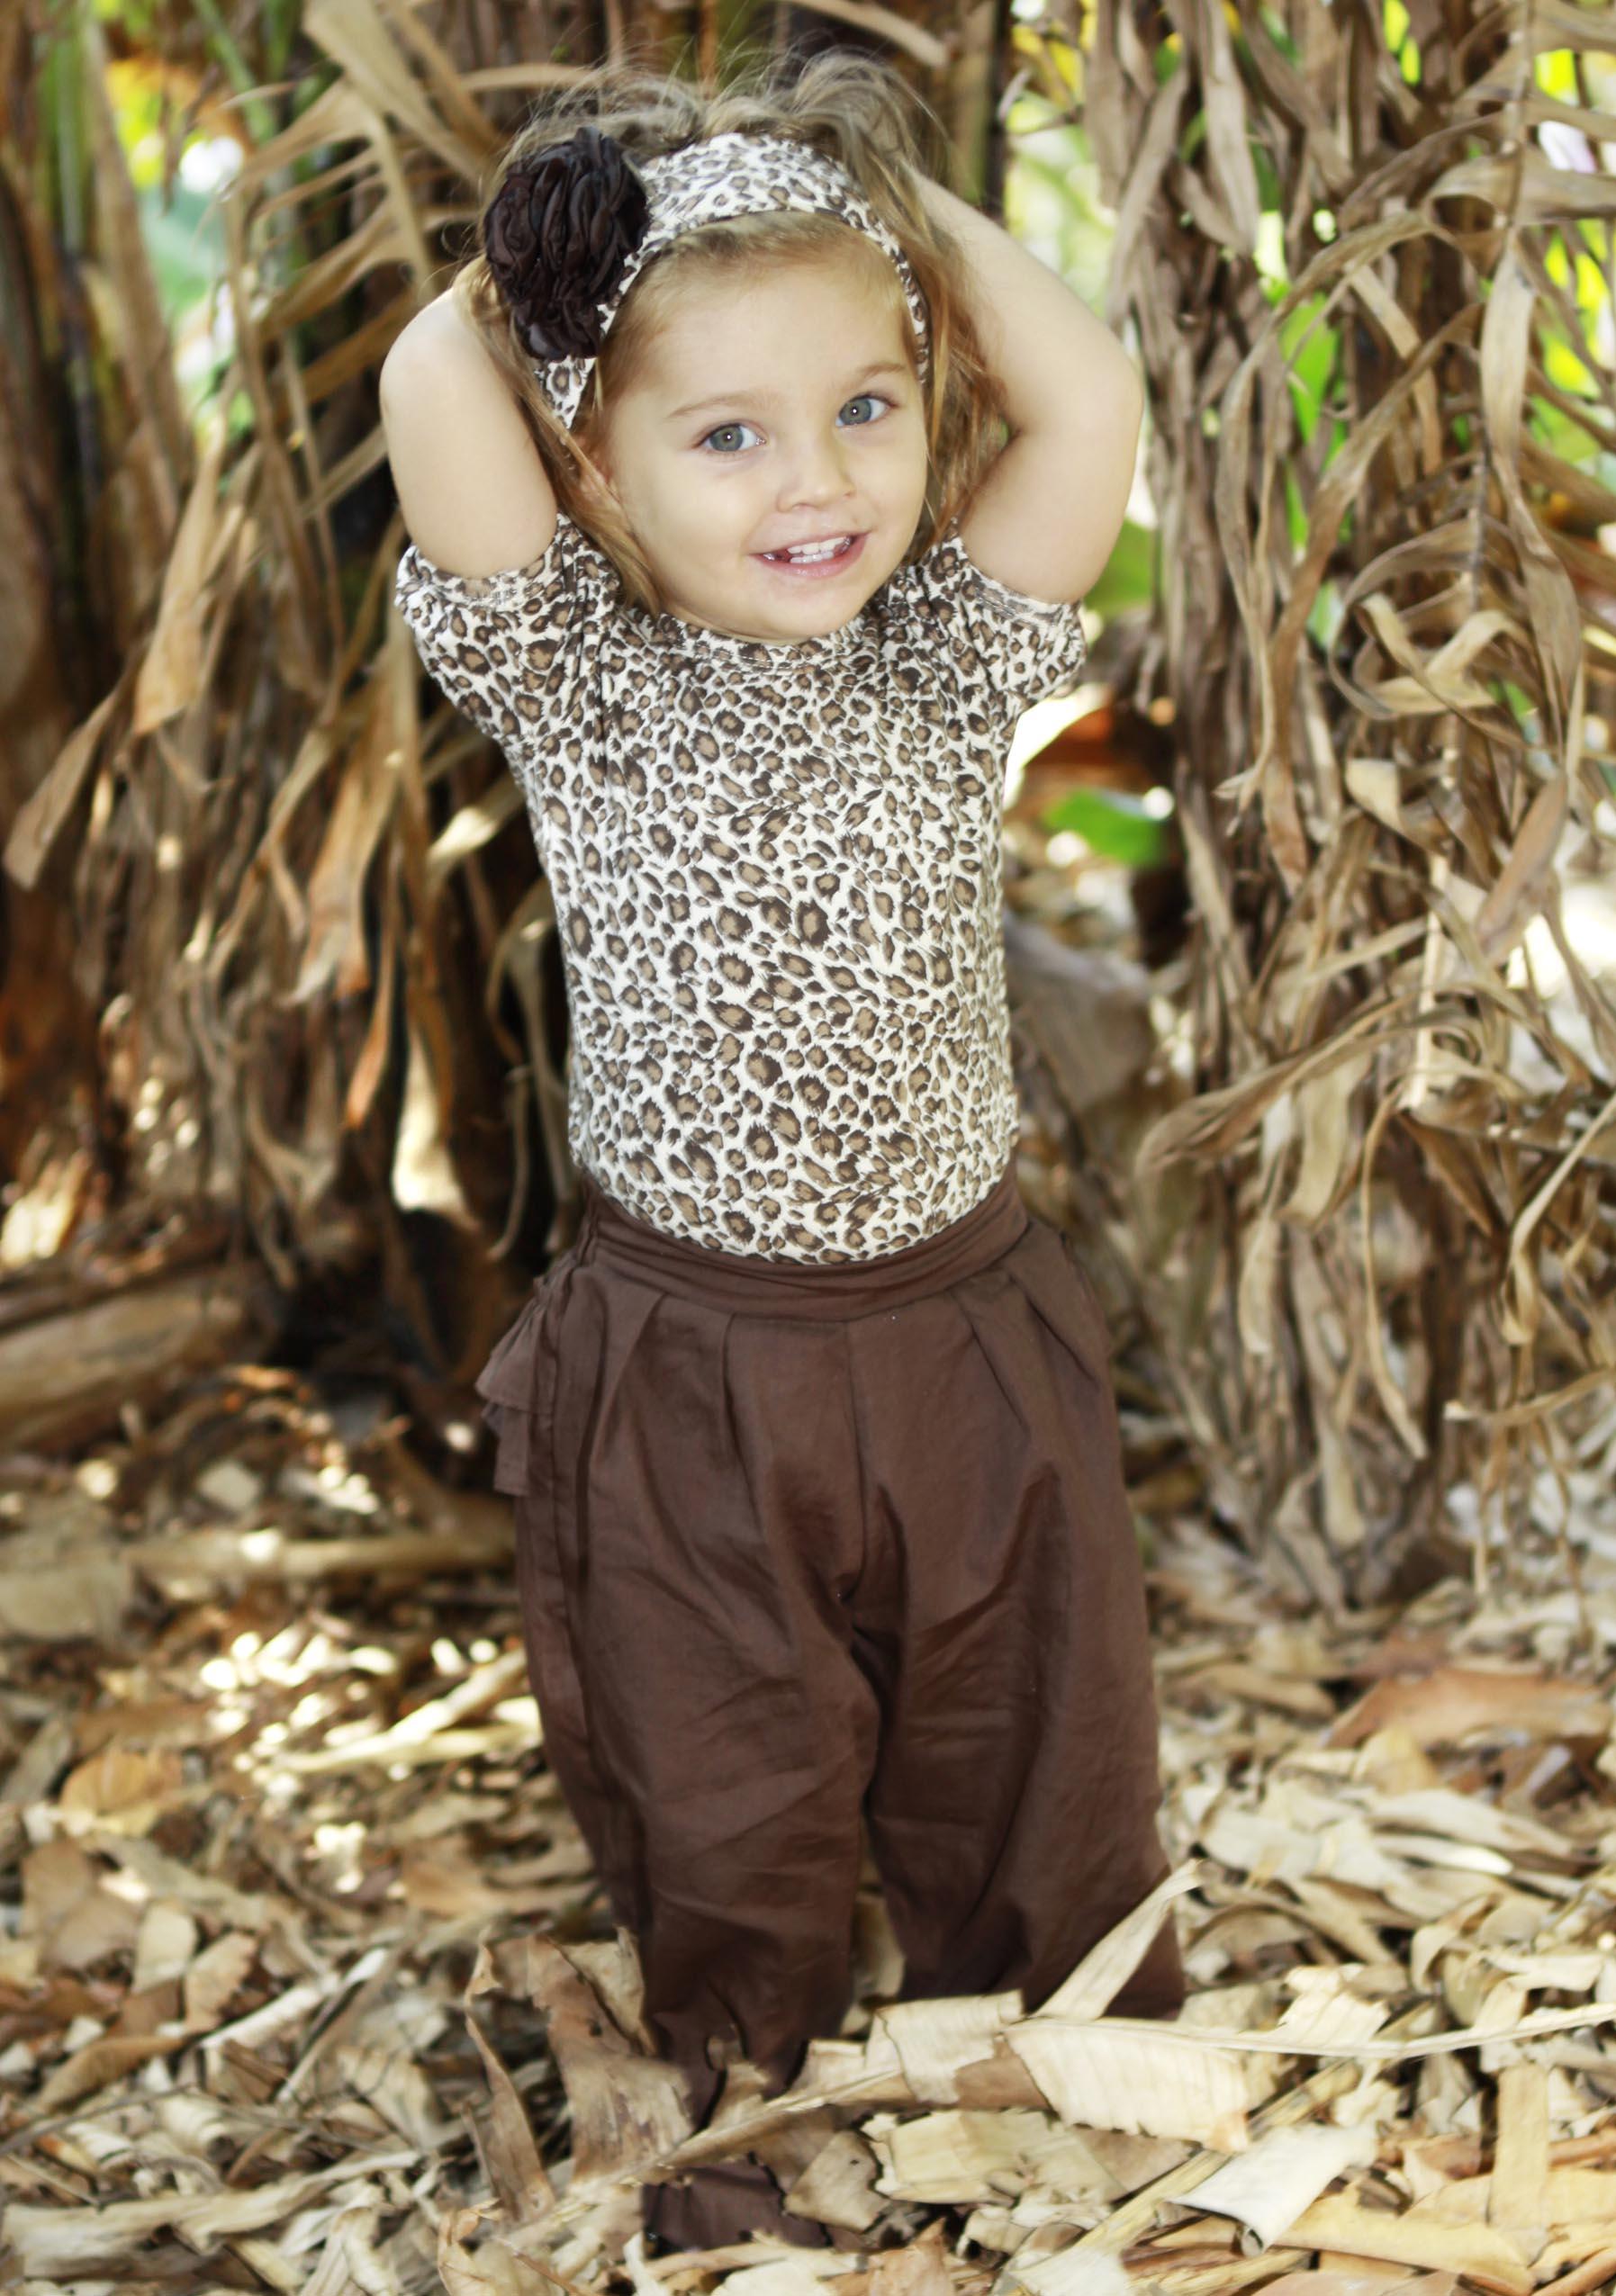 cd13f6ddd Vestido Infantil - Coleção de Liminha Doce - Moda Infantil e Mãe e Filha  ( liminhadoce)